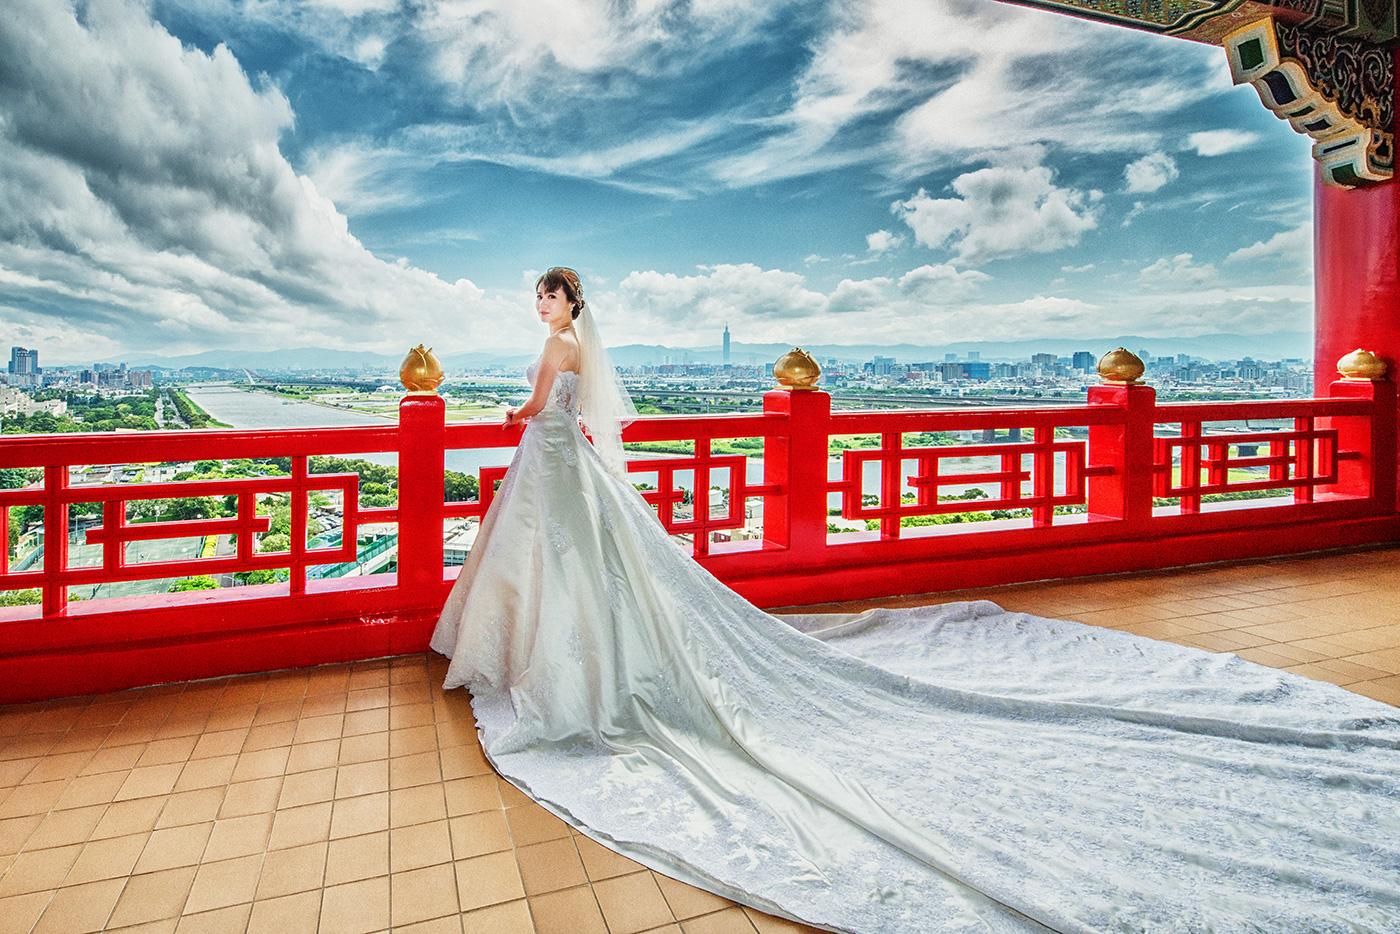 台北婚攝/婚禮攝影/婚禮記錄/圓山大飯店/臨安+錫勤